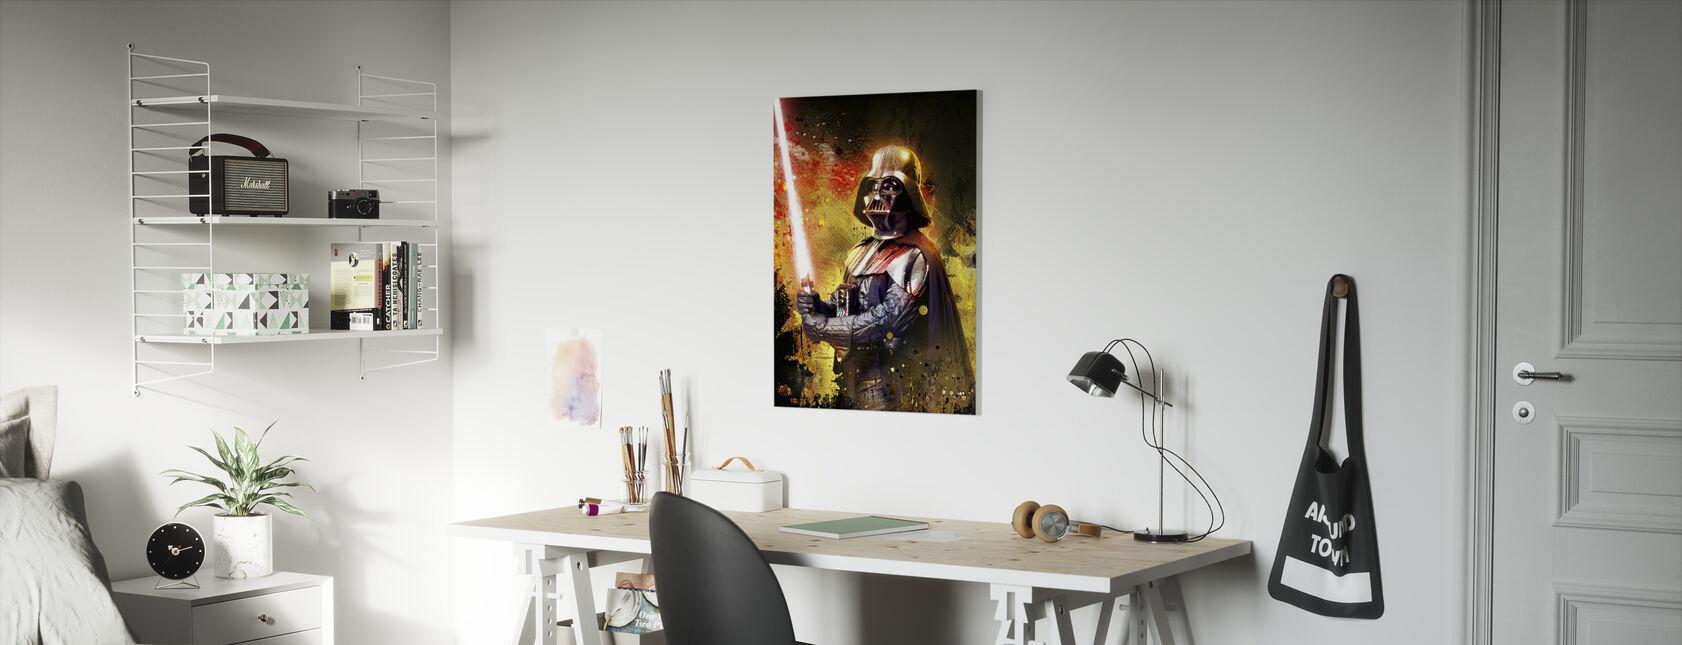 Star Wars - Darth Vader lichtzwaard kleur - Canvas print - Kinderkamer